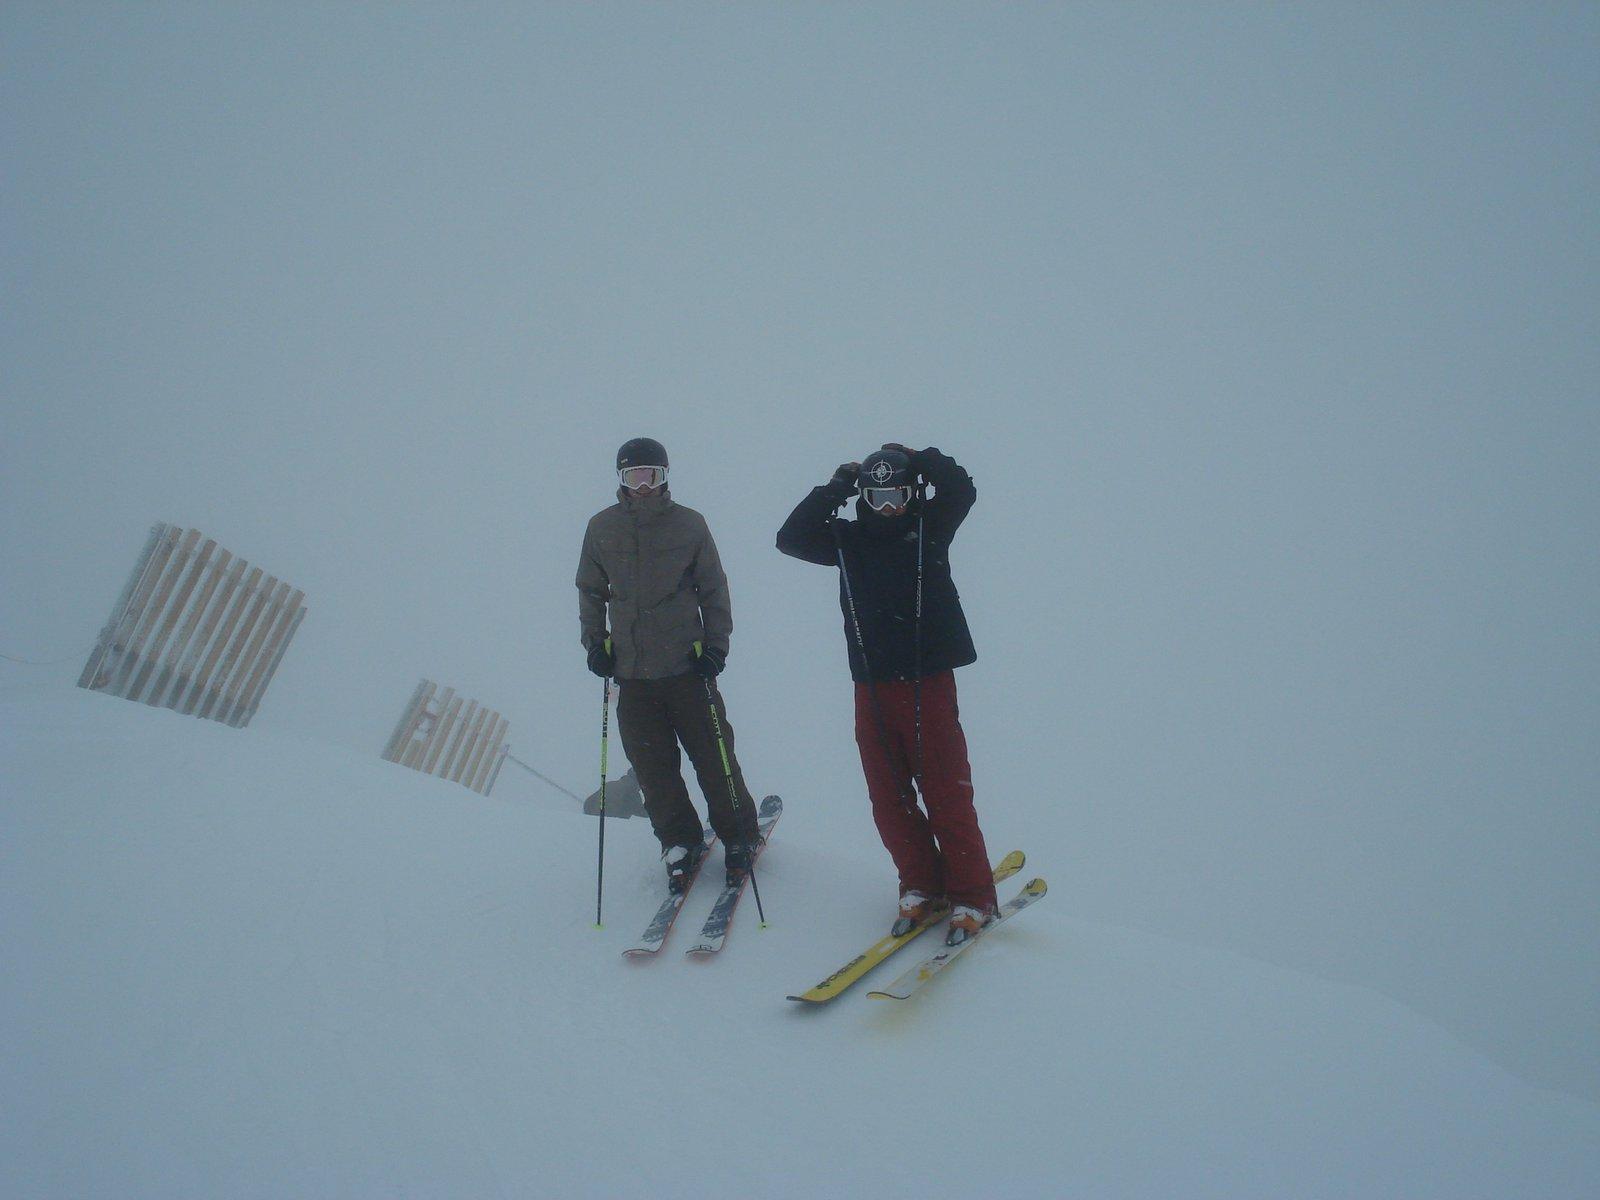 Top of Lone Peak